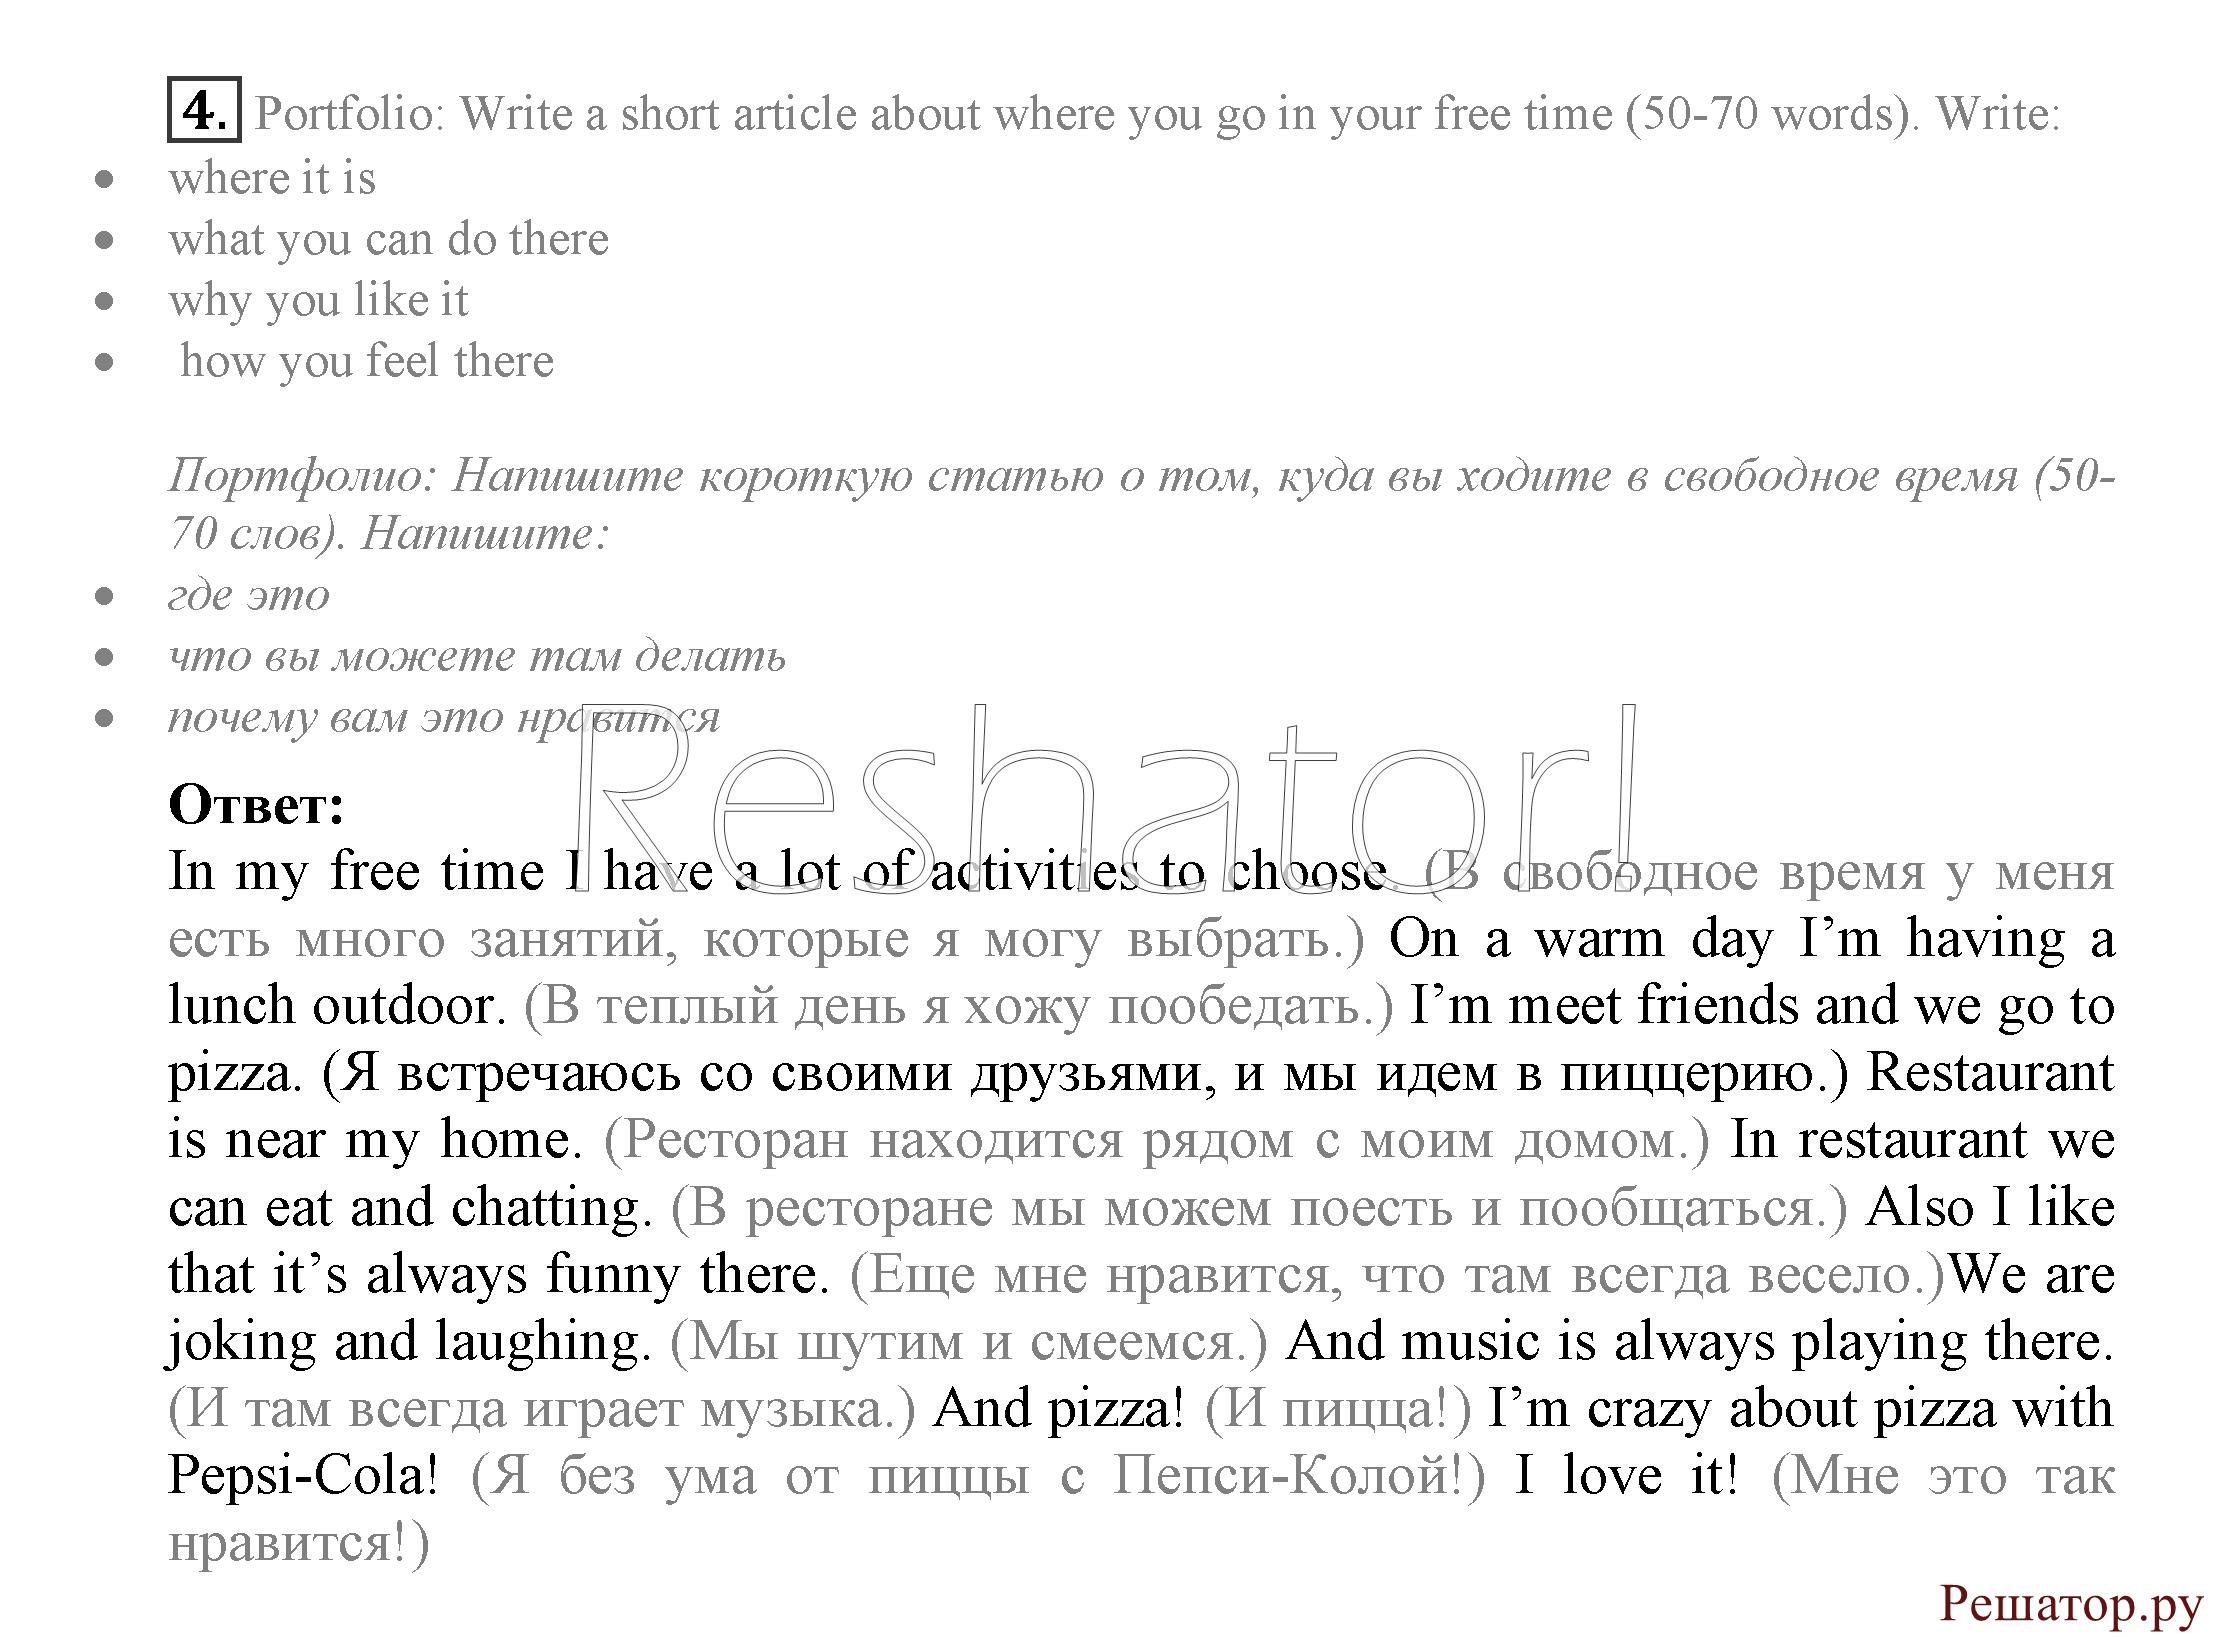 Решебник по английскому языку просвещение 7 класс — img 4